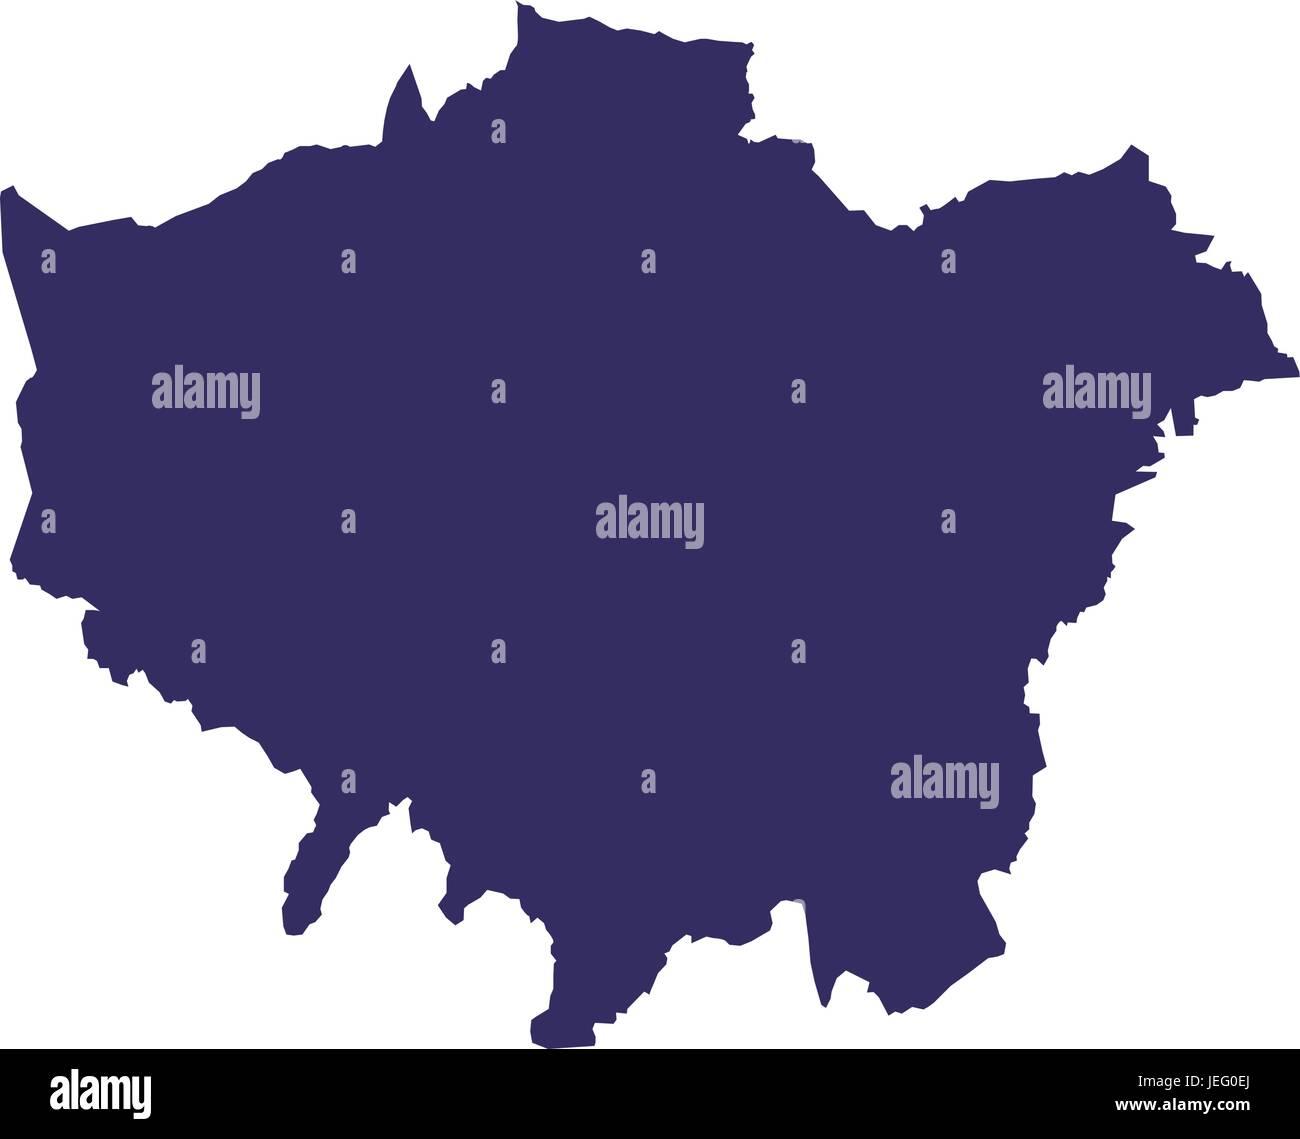 Englan map silhouette - Stock Vector